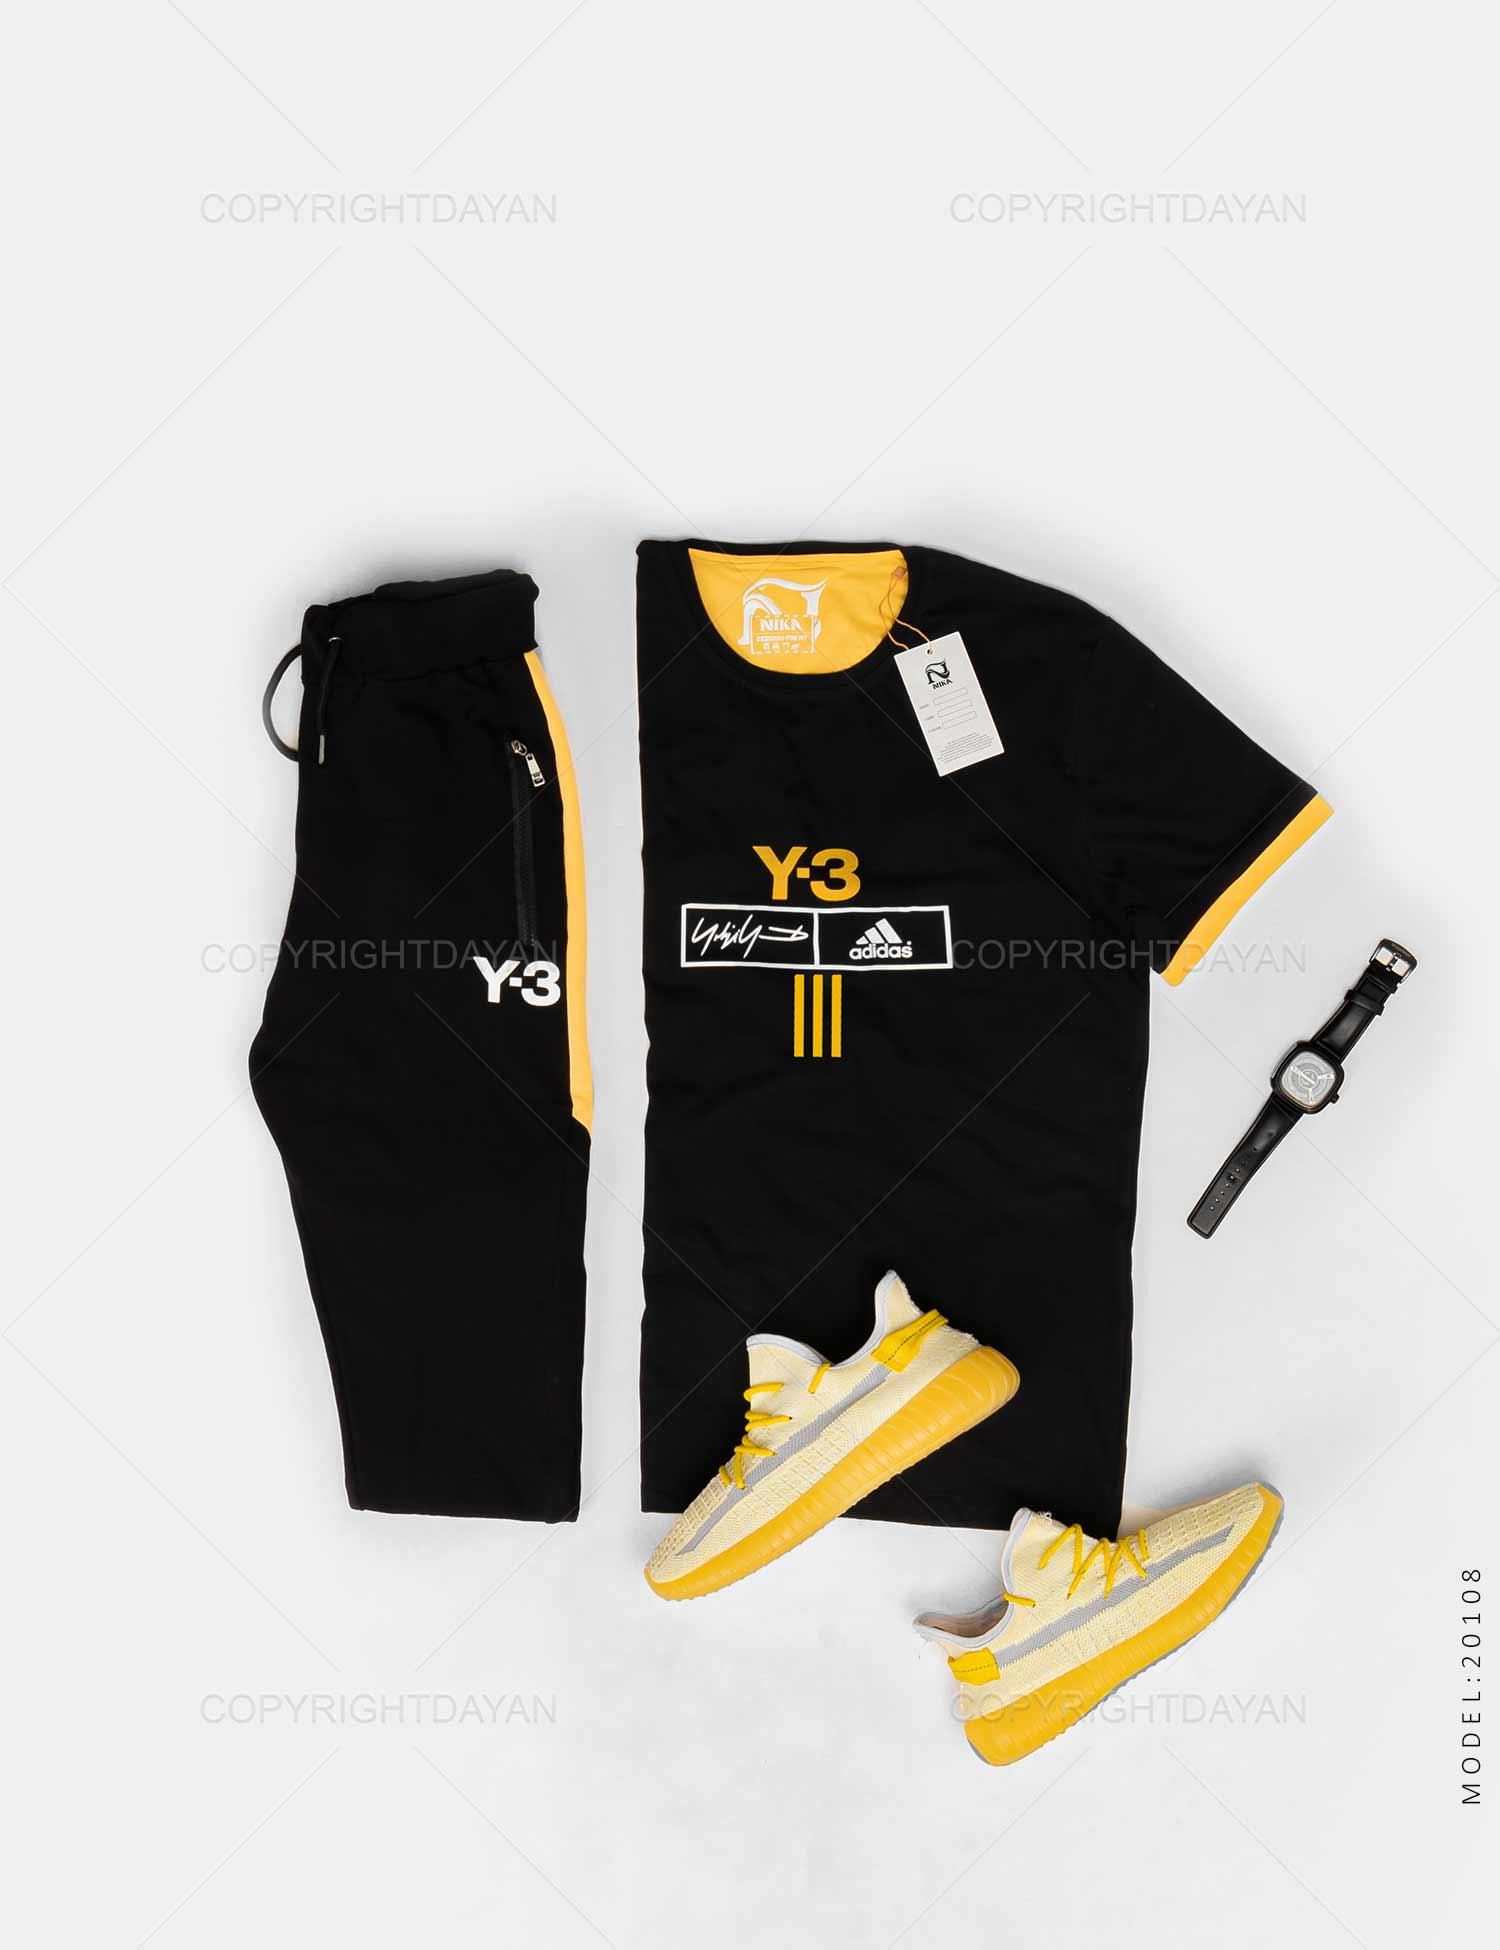 ست تیشرت و شوار مردانه Adidas مدل 20108 ست تیشرت و شوار مردانه Adidas مدل 20108 249,000 تومان